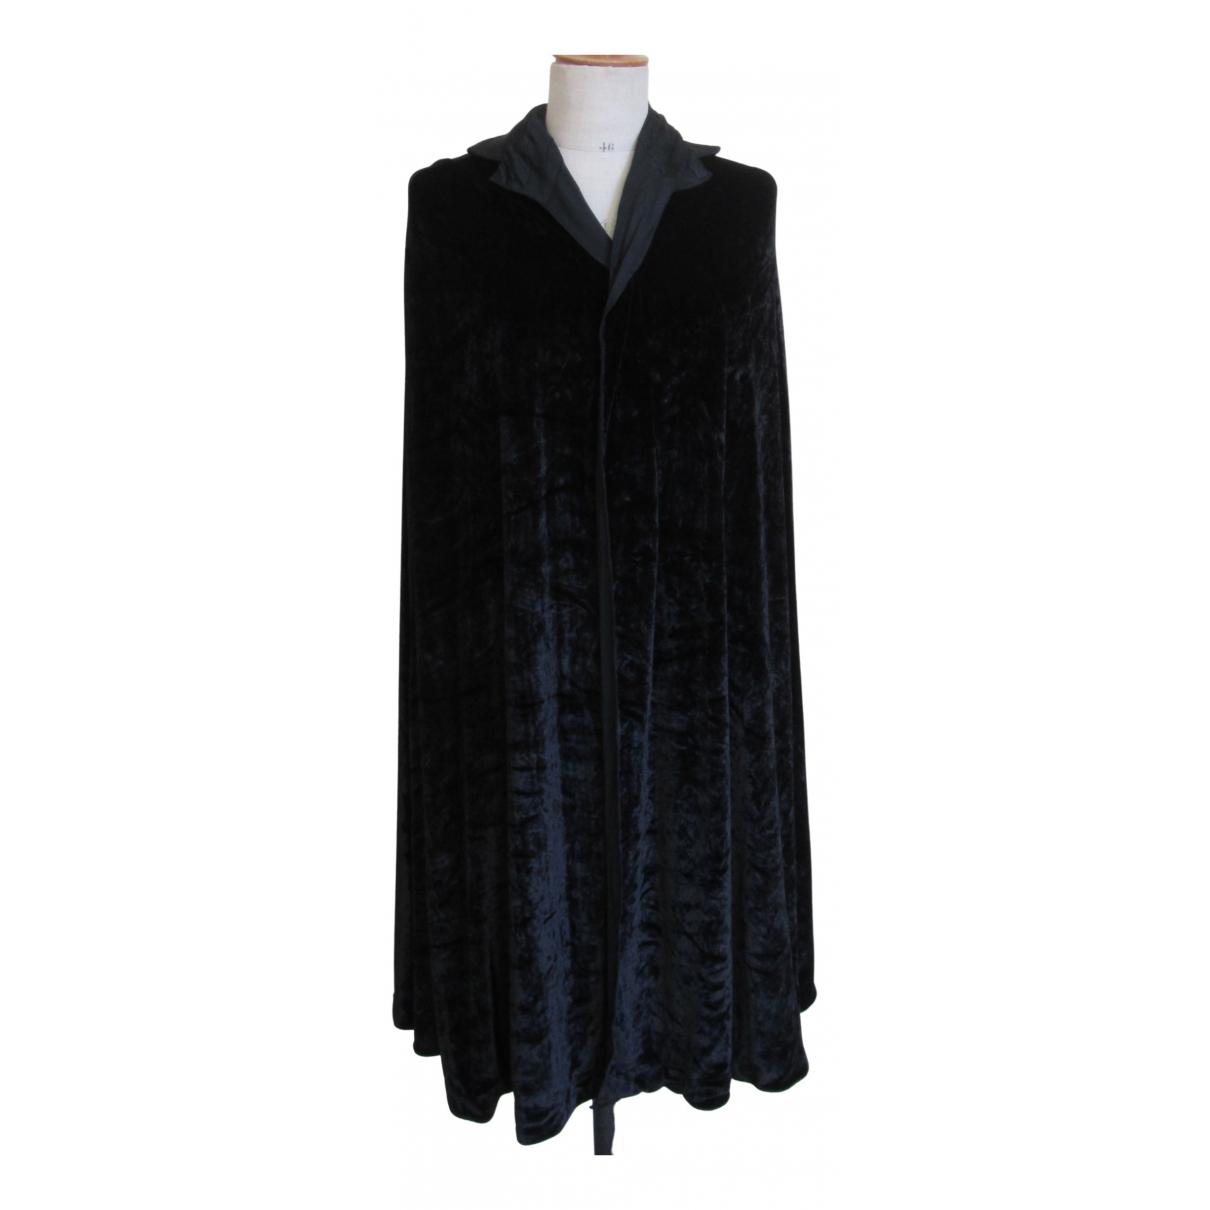 Yves Saint Laurent - Veste   pour femme en velours - noir